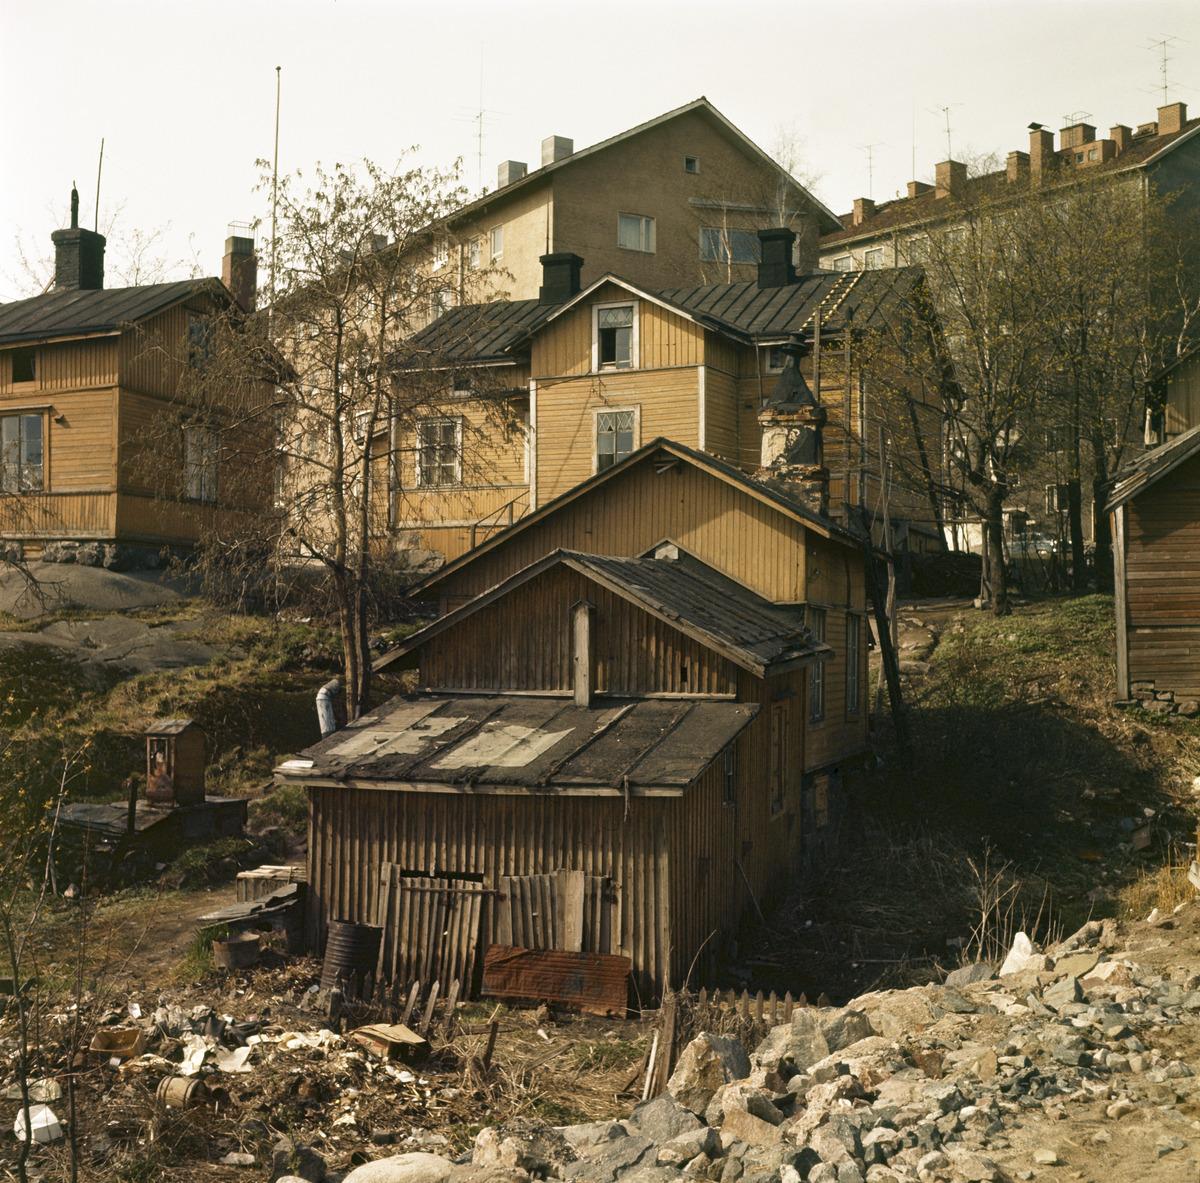 Hermanni. kortteli 657. Oihonnankatu 20 .Pihalla on kaivo ja jätteitä (komposti?)